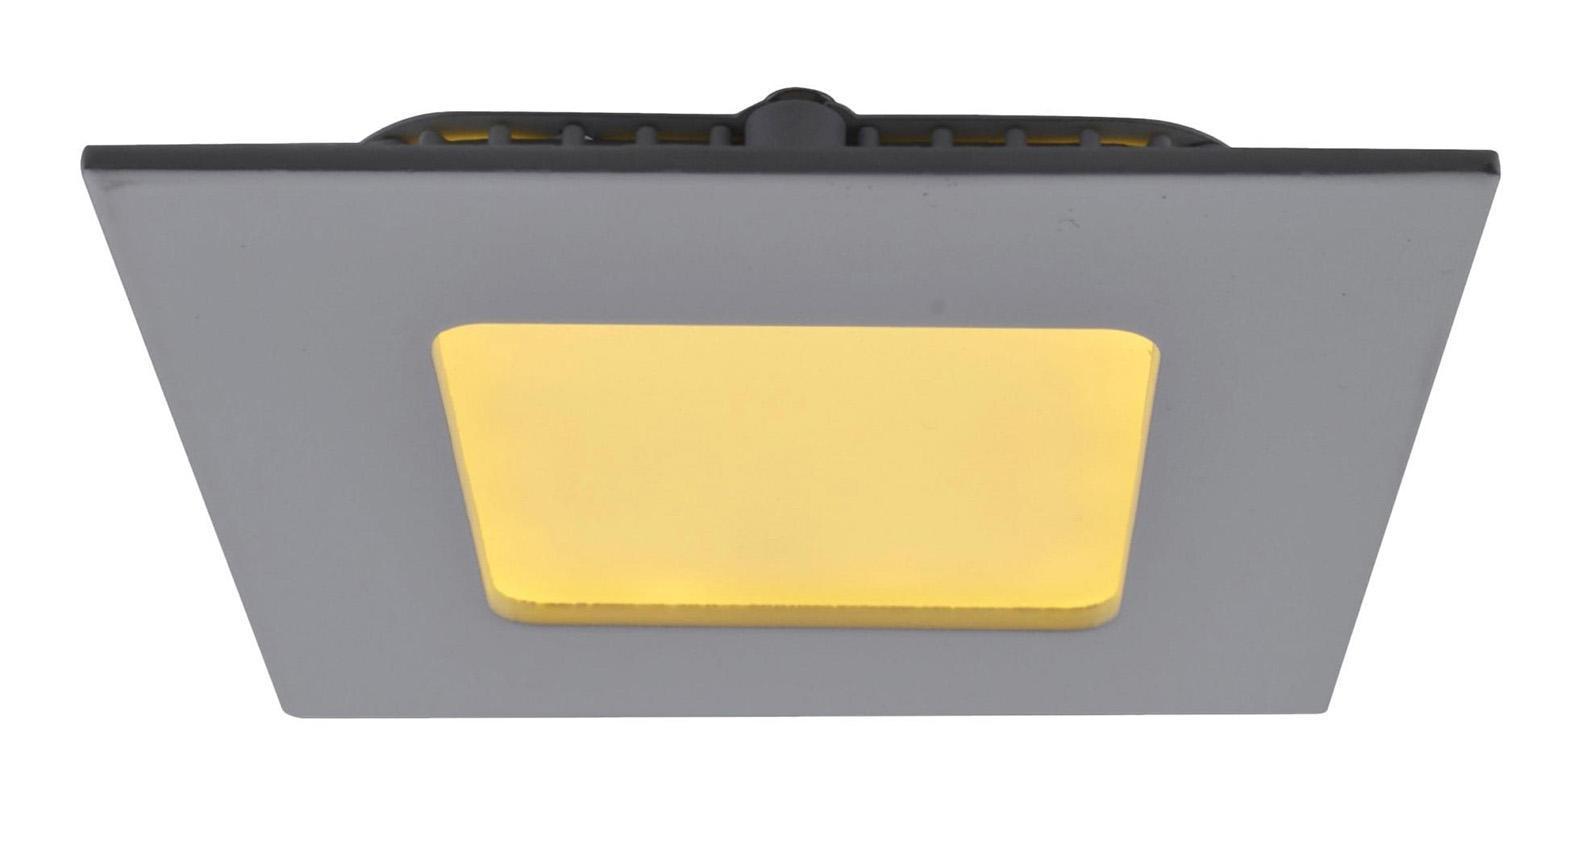 Светильник встраиваемый Arte lamp A2403pl-1wh arte lamp встраиваемый светодиодный светильник arte lamp cardani a1212pl 1wh